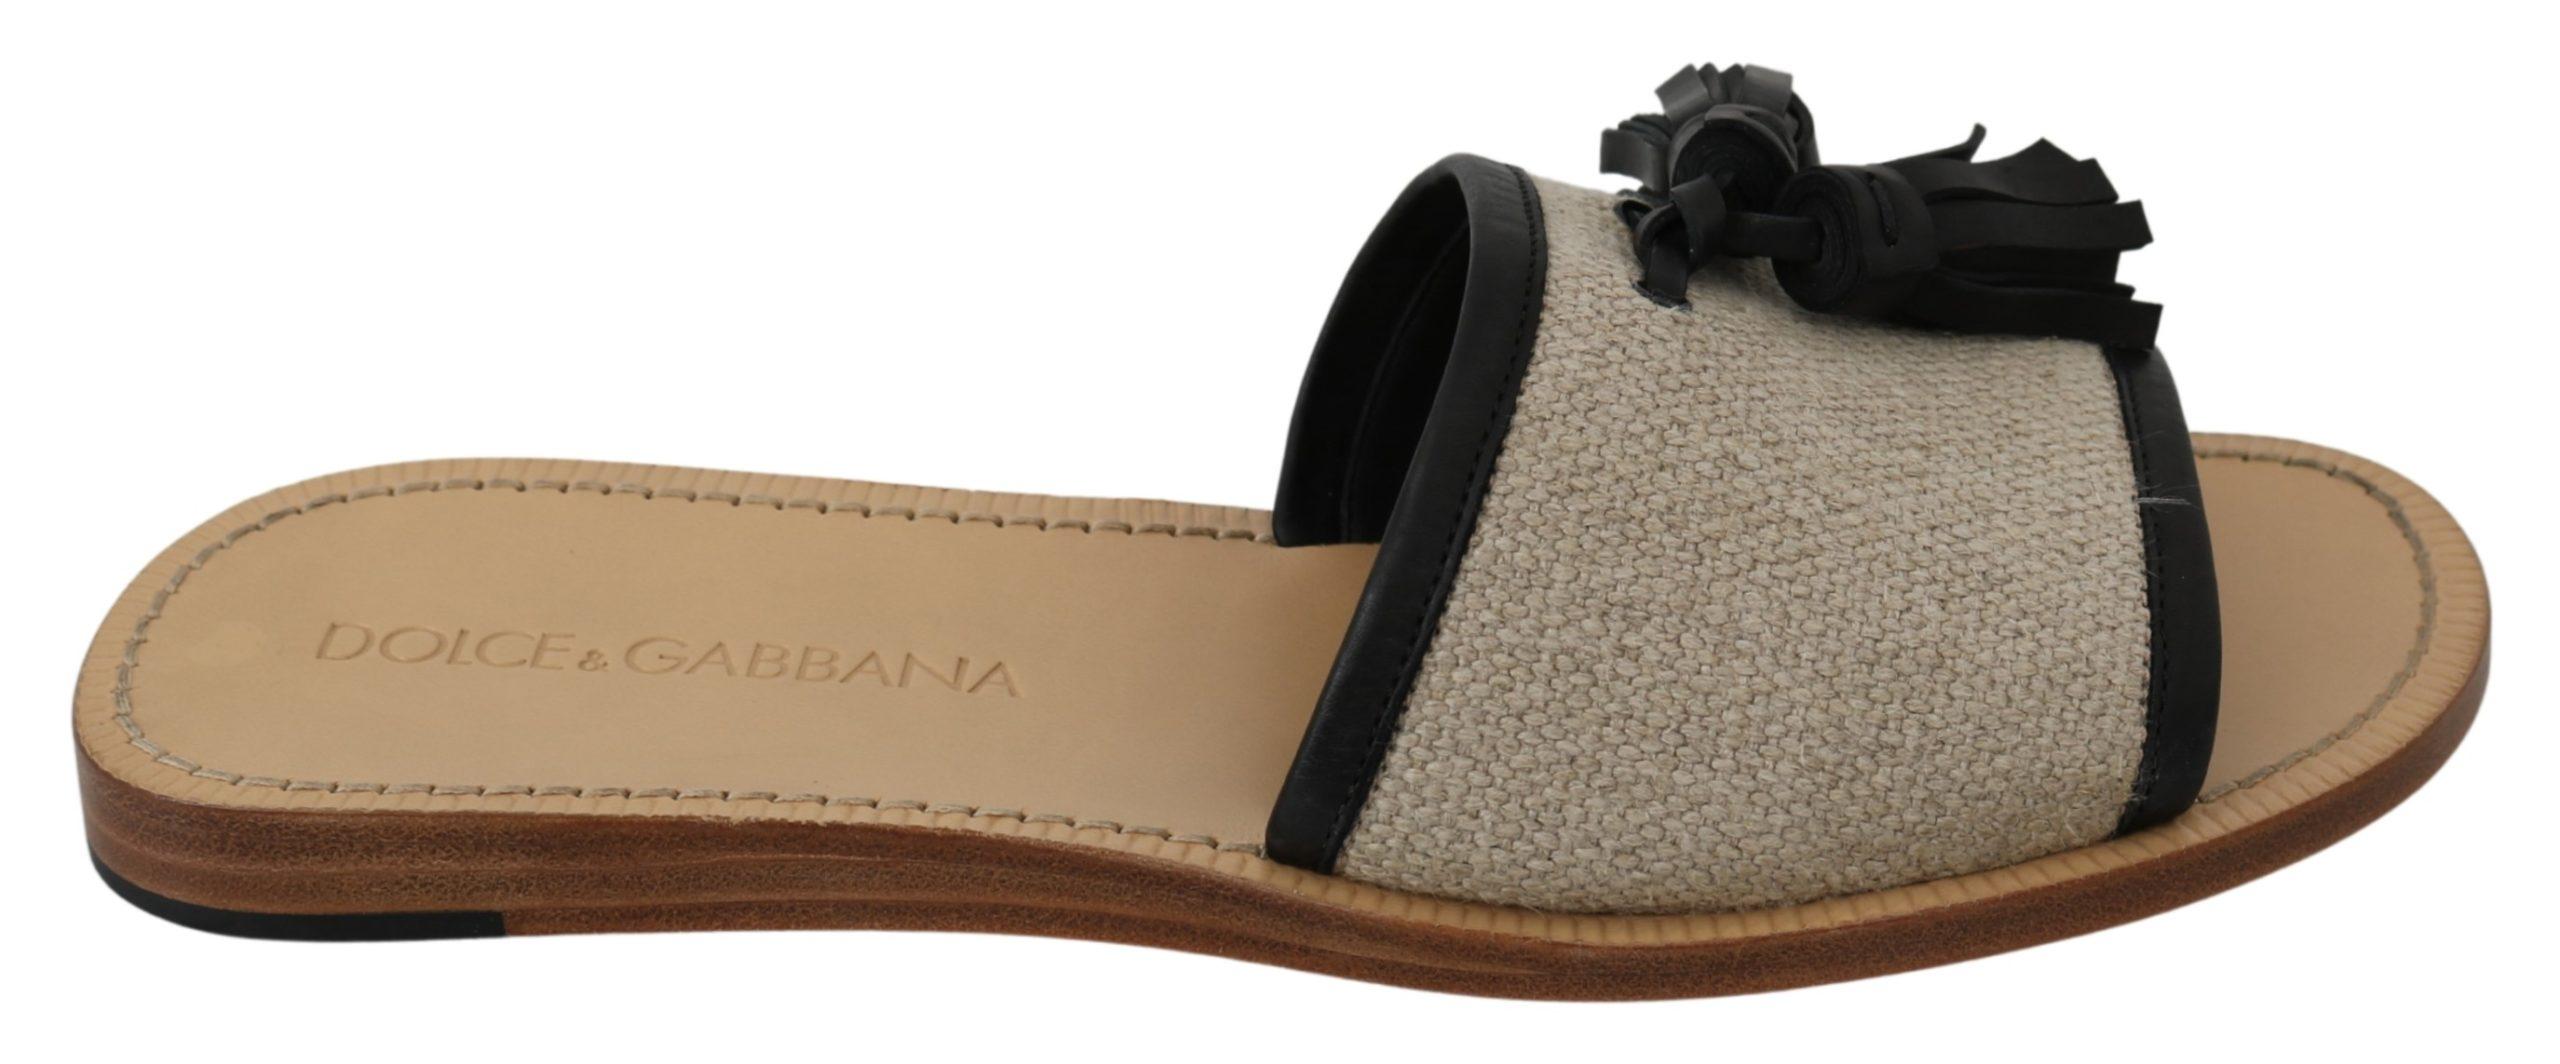 Dolce & Gabbana Men's Leather Linen Open Toe Sandal Beige MV3024 - EU43/US10